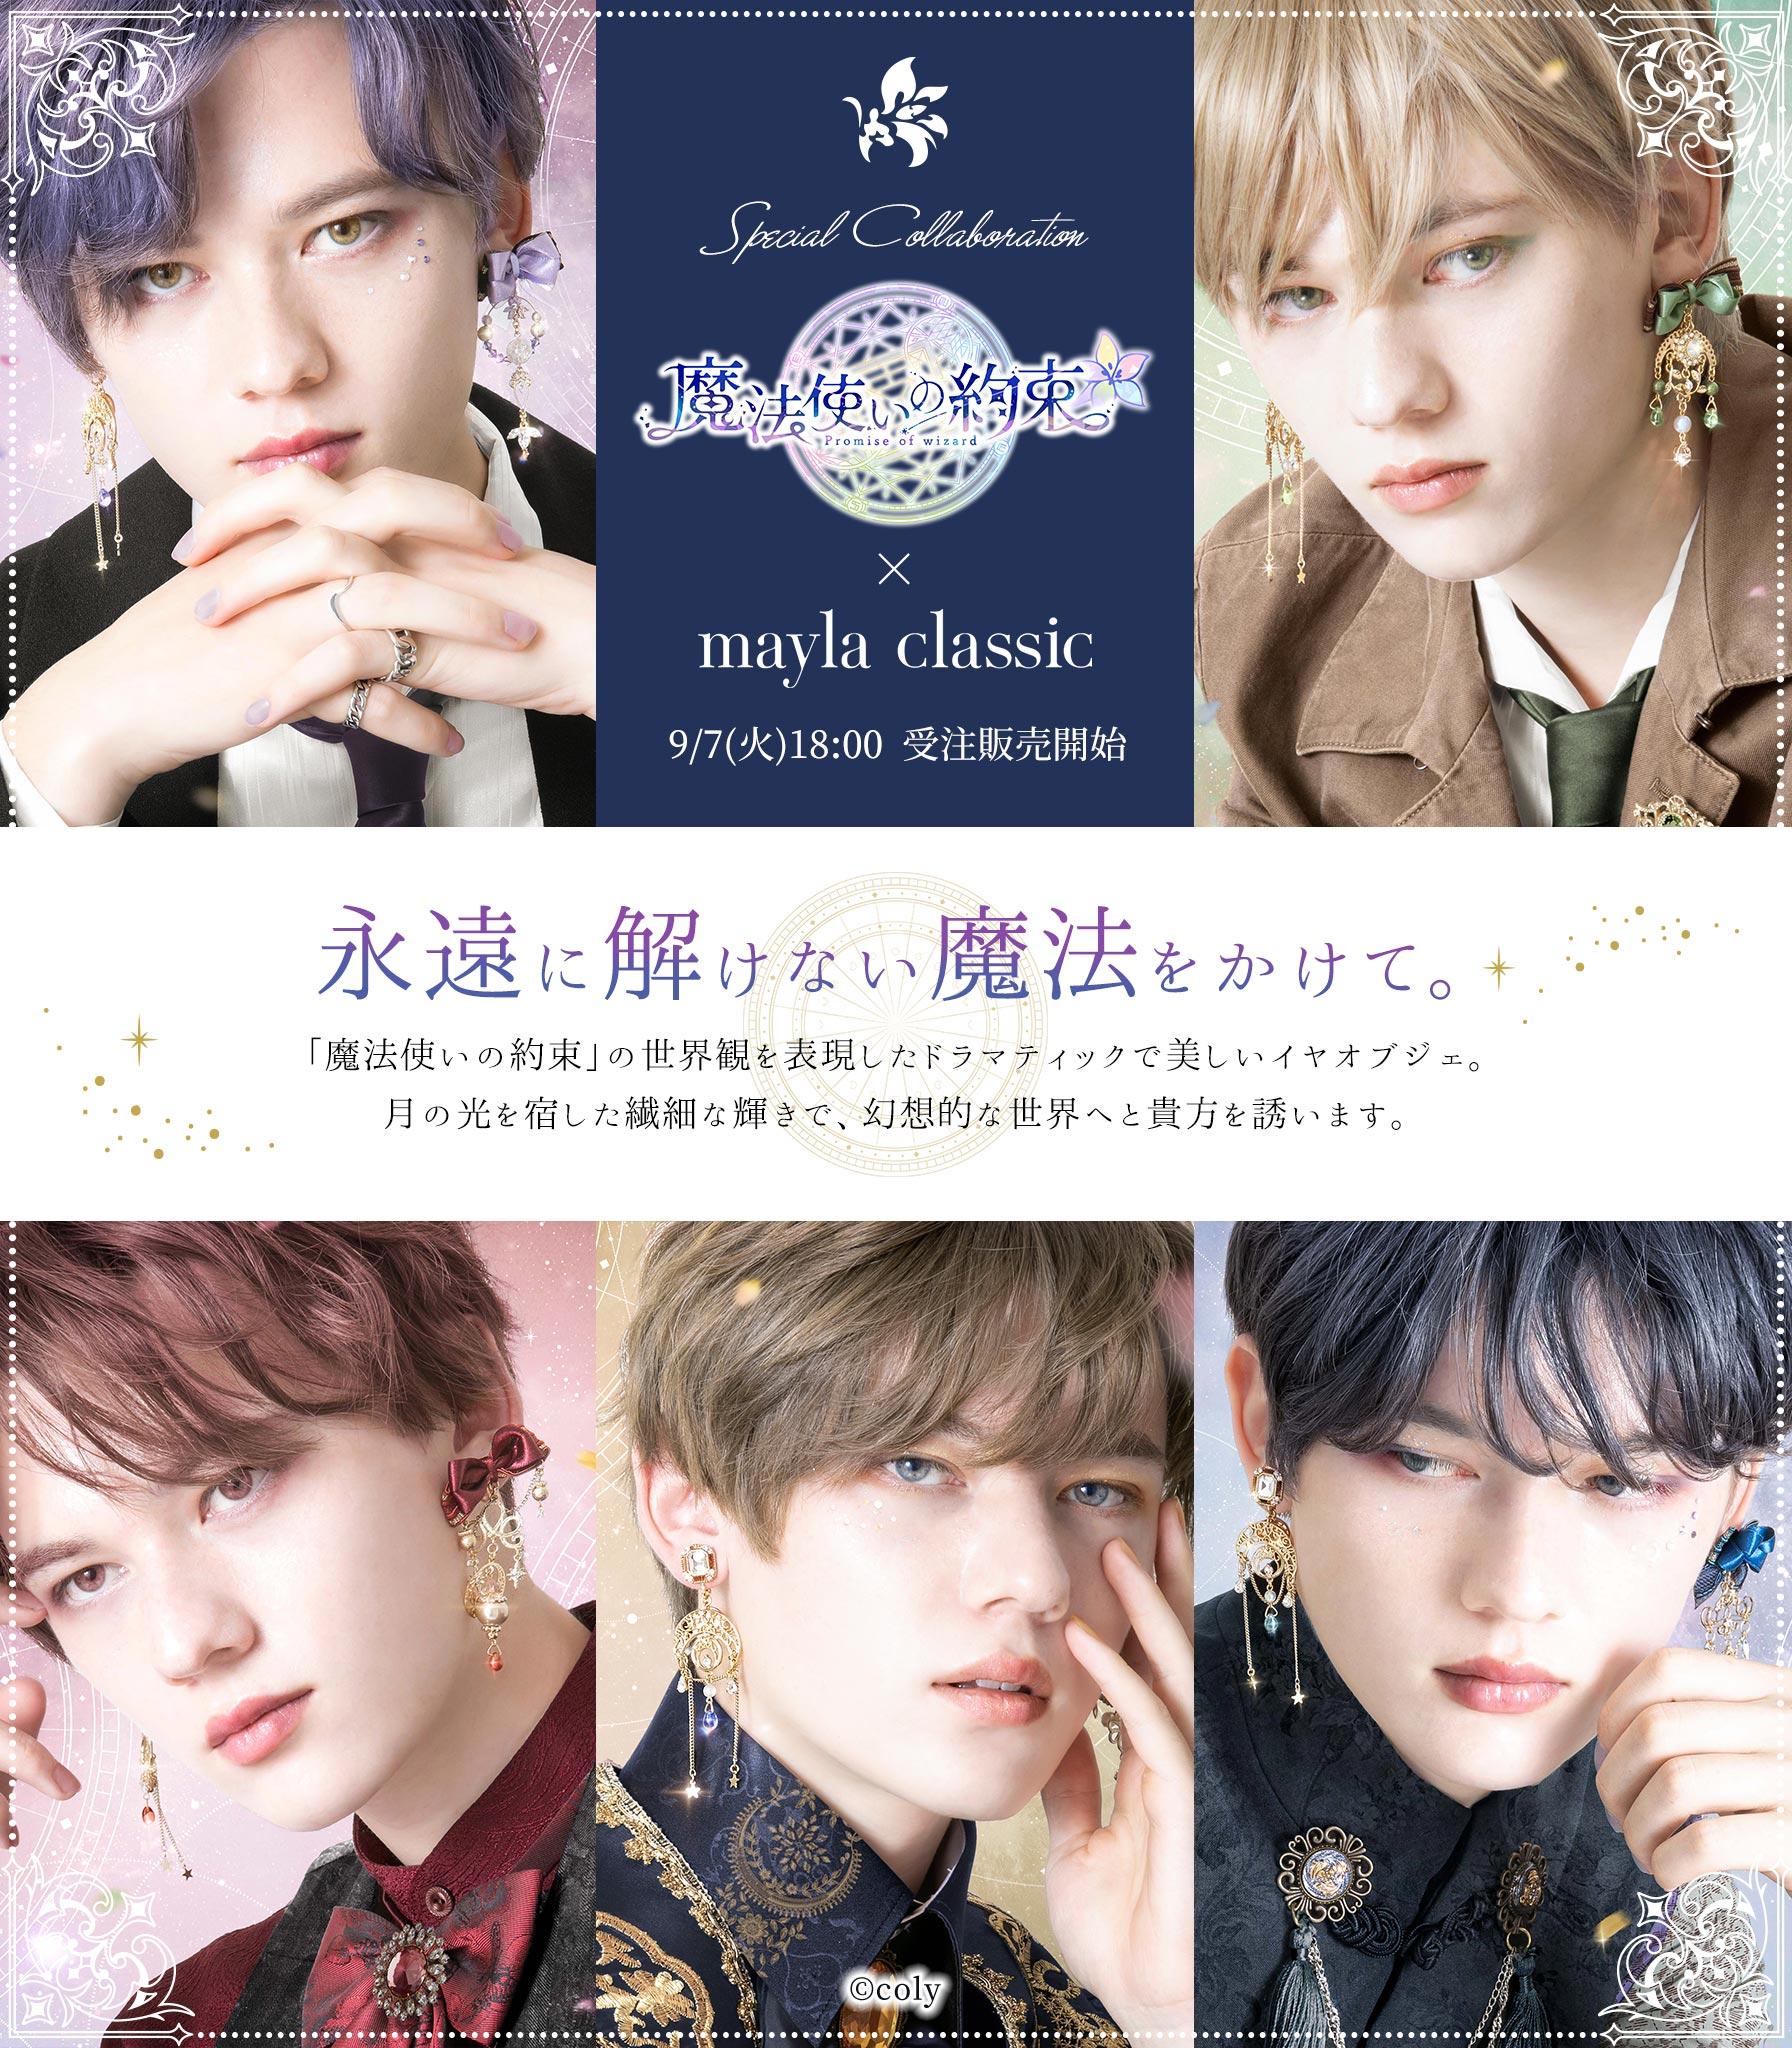 「魔法使いの約束×mayla classic」コラボピアス&イヤリングは9月7日18時予約開始!